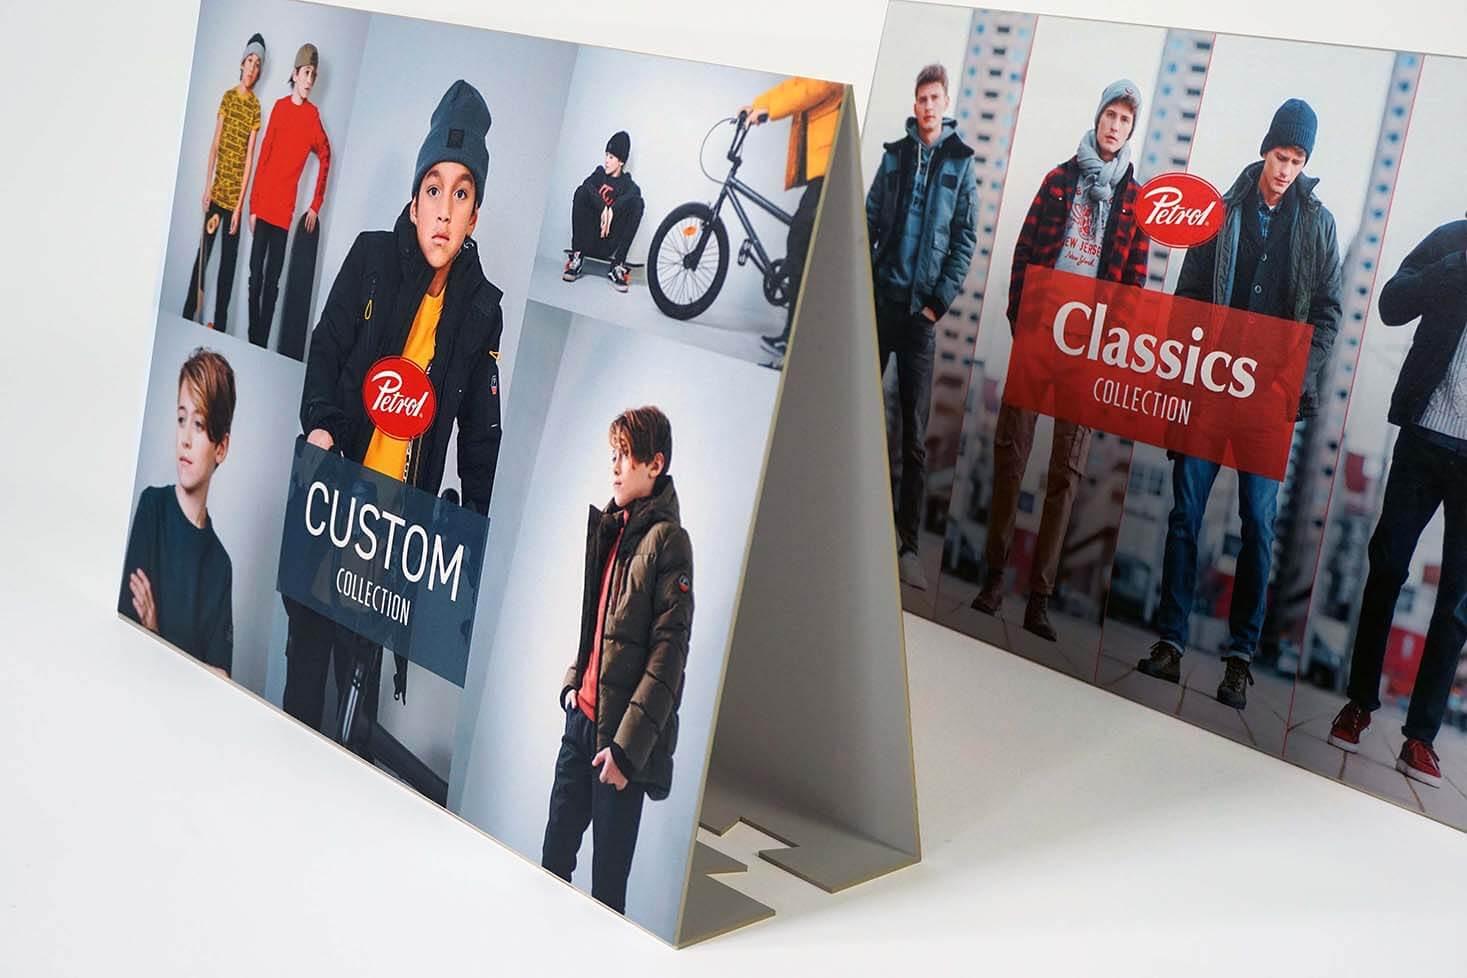 Kartonnen-displays